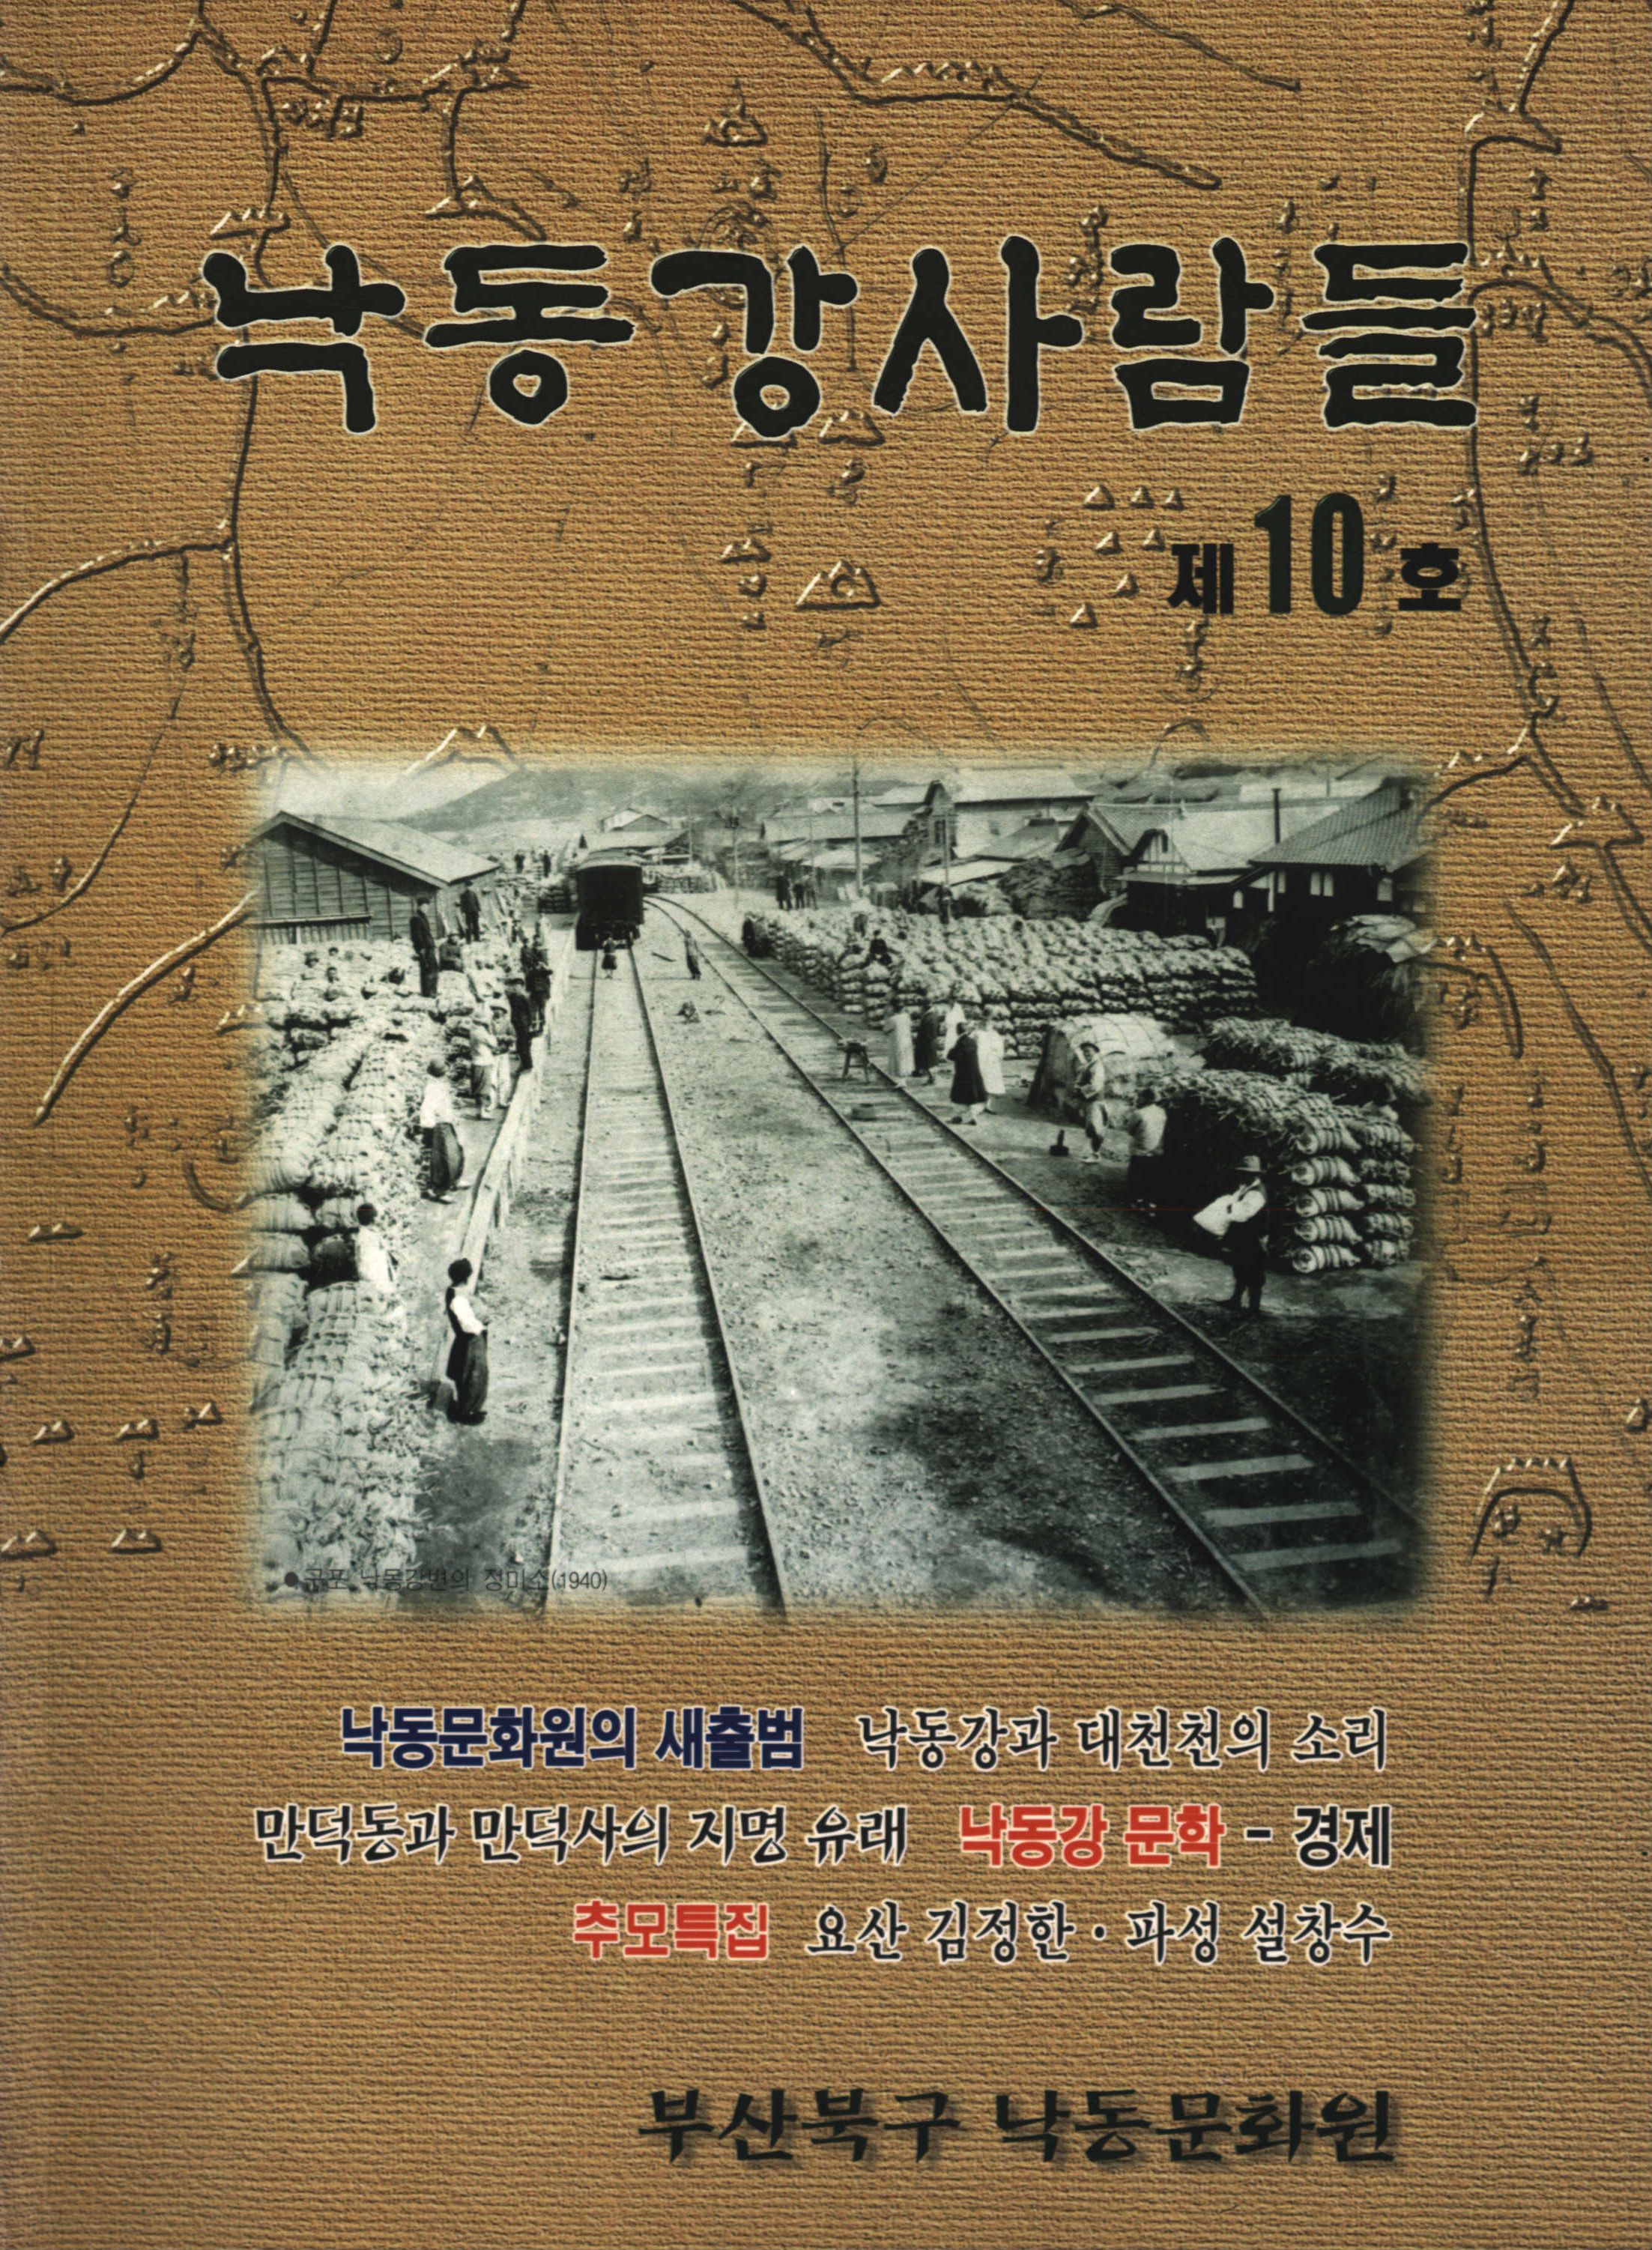 제10호 향토문화지 낙동강 사람들